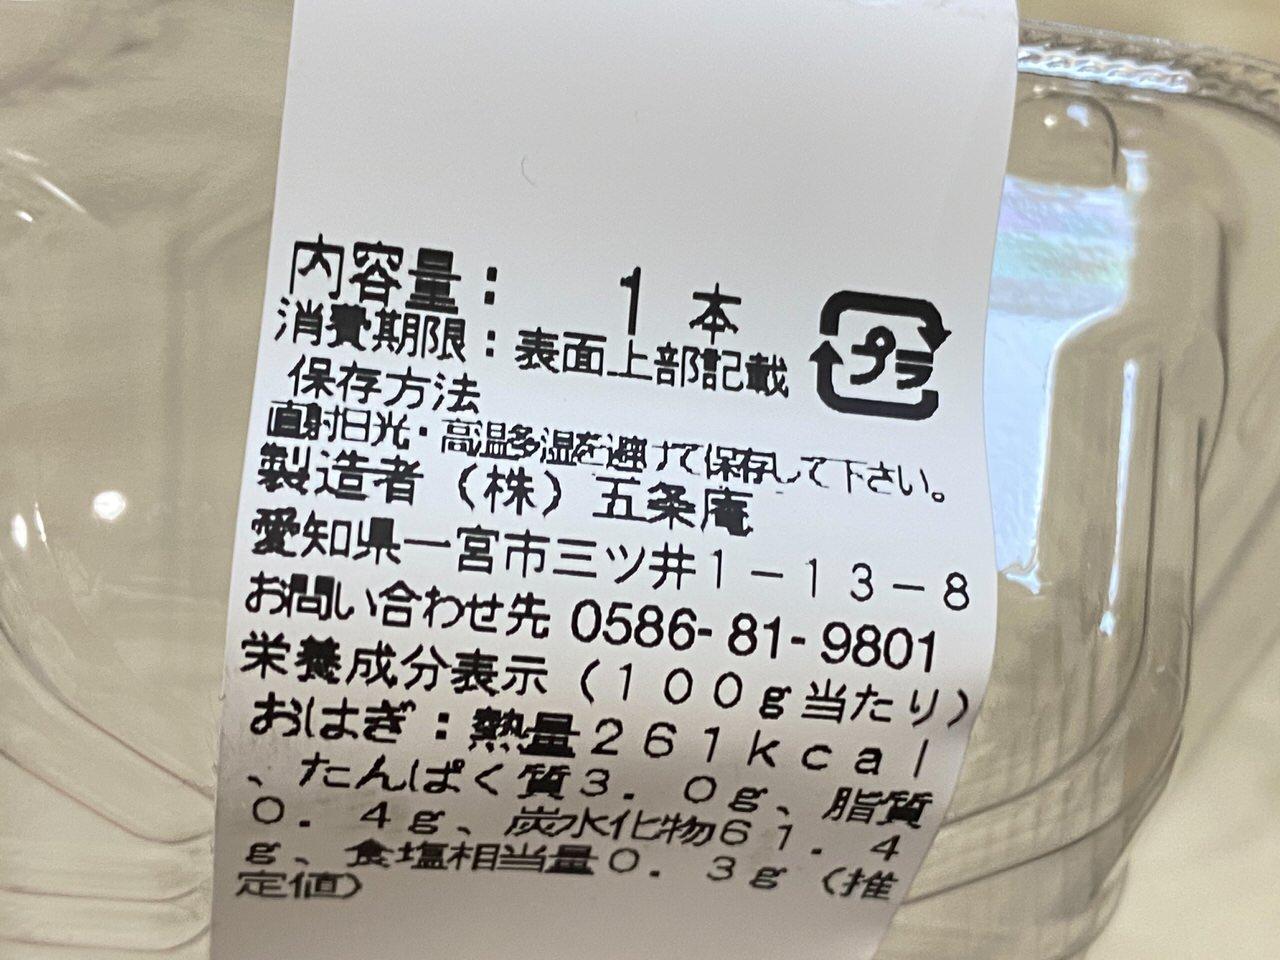 お萩3個が串刺しされたワンハンドお萩「渾身の一本!おっ?萩!!」 3